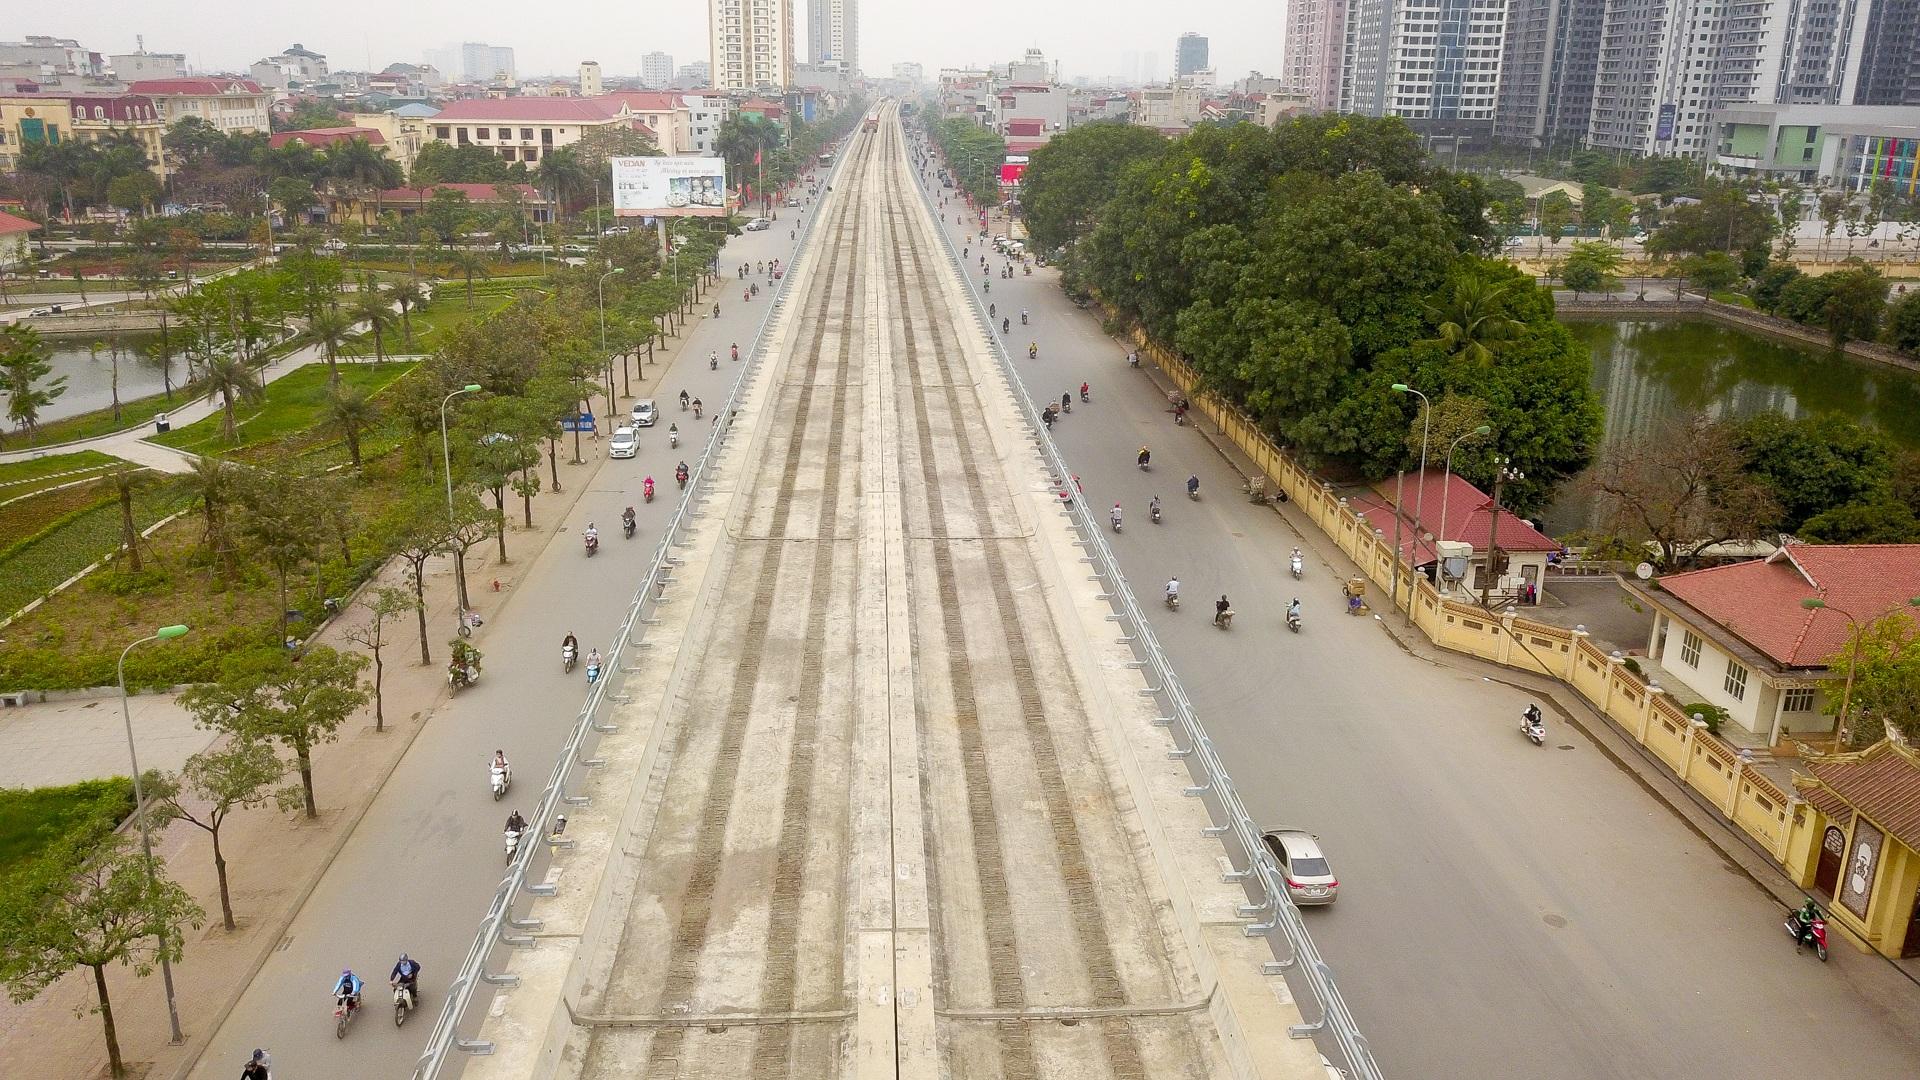 Metro Nhổn - ga Hà Nội thành hình đường trên cao xuyên qua phố phường Thủ đô - 2